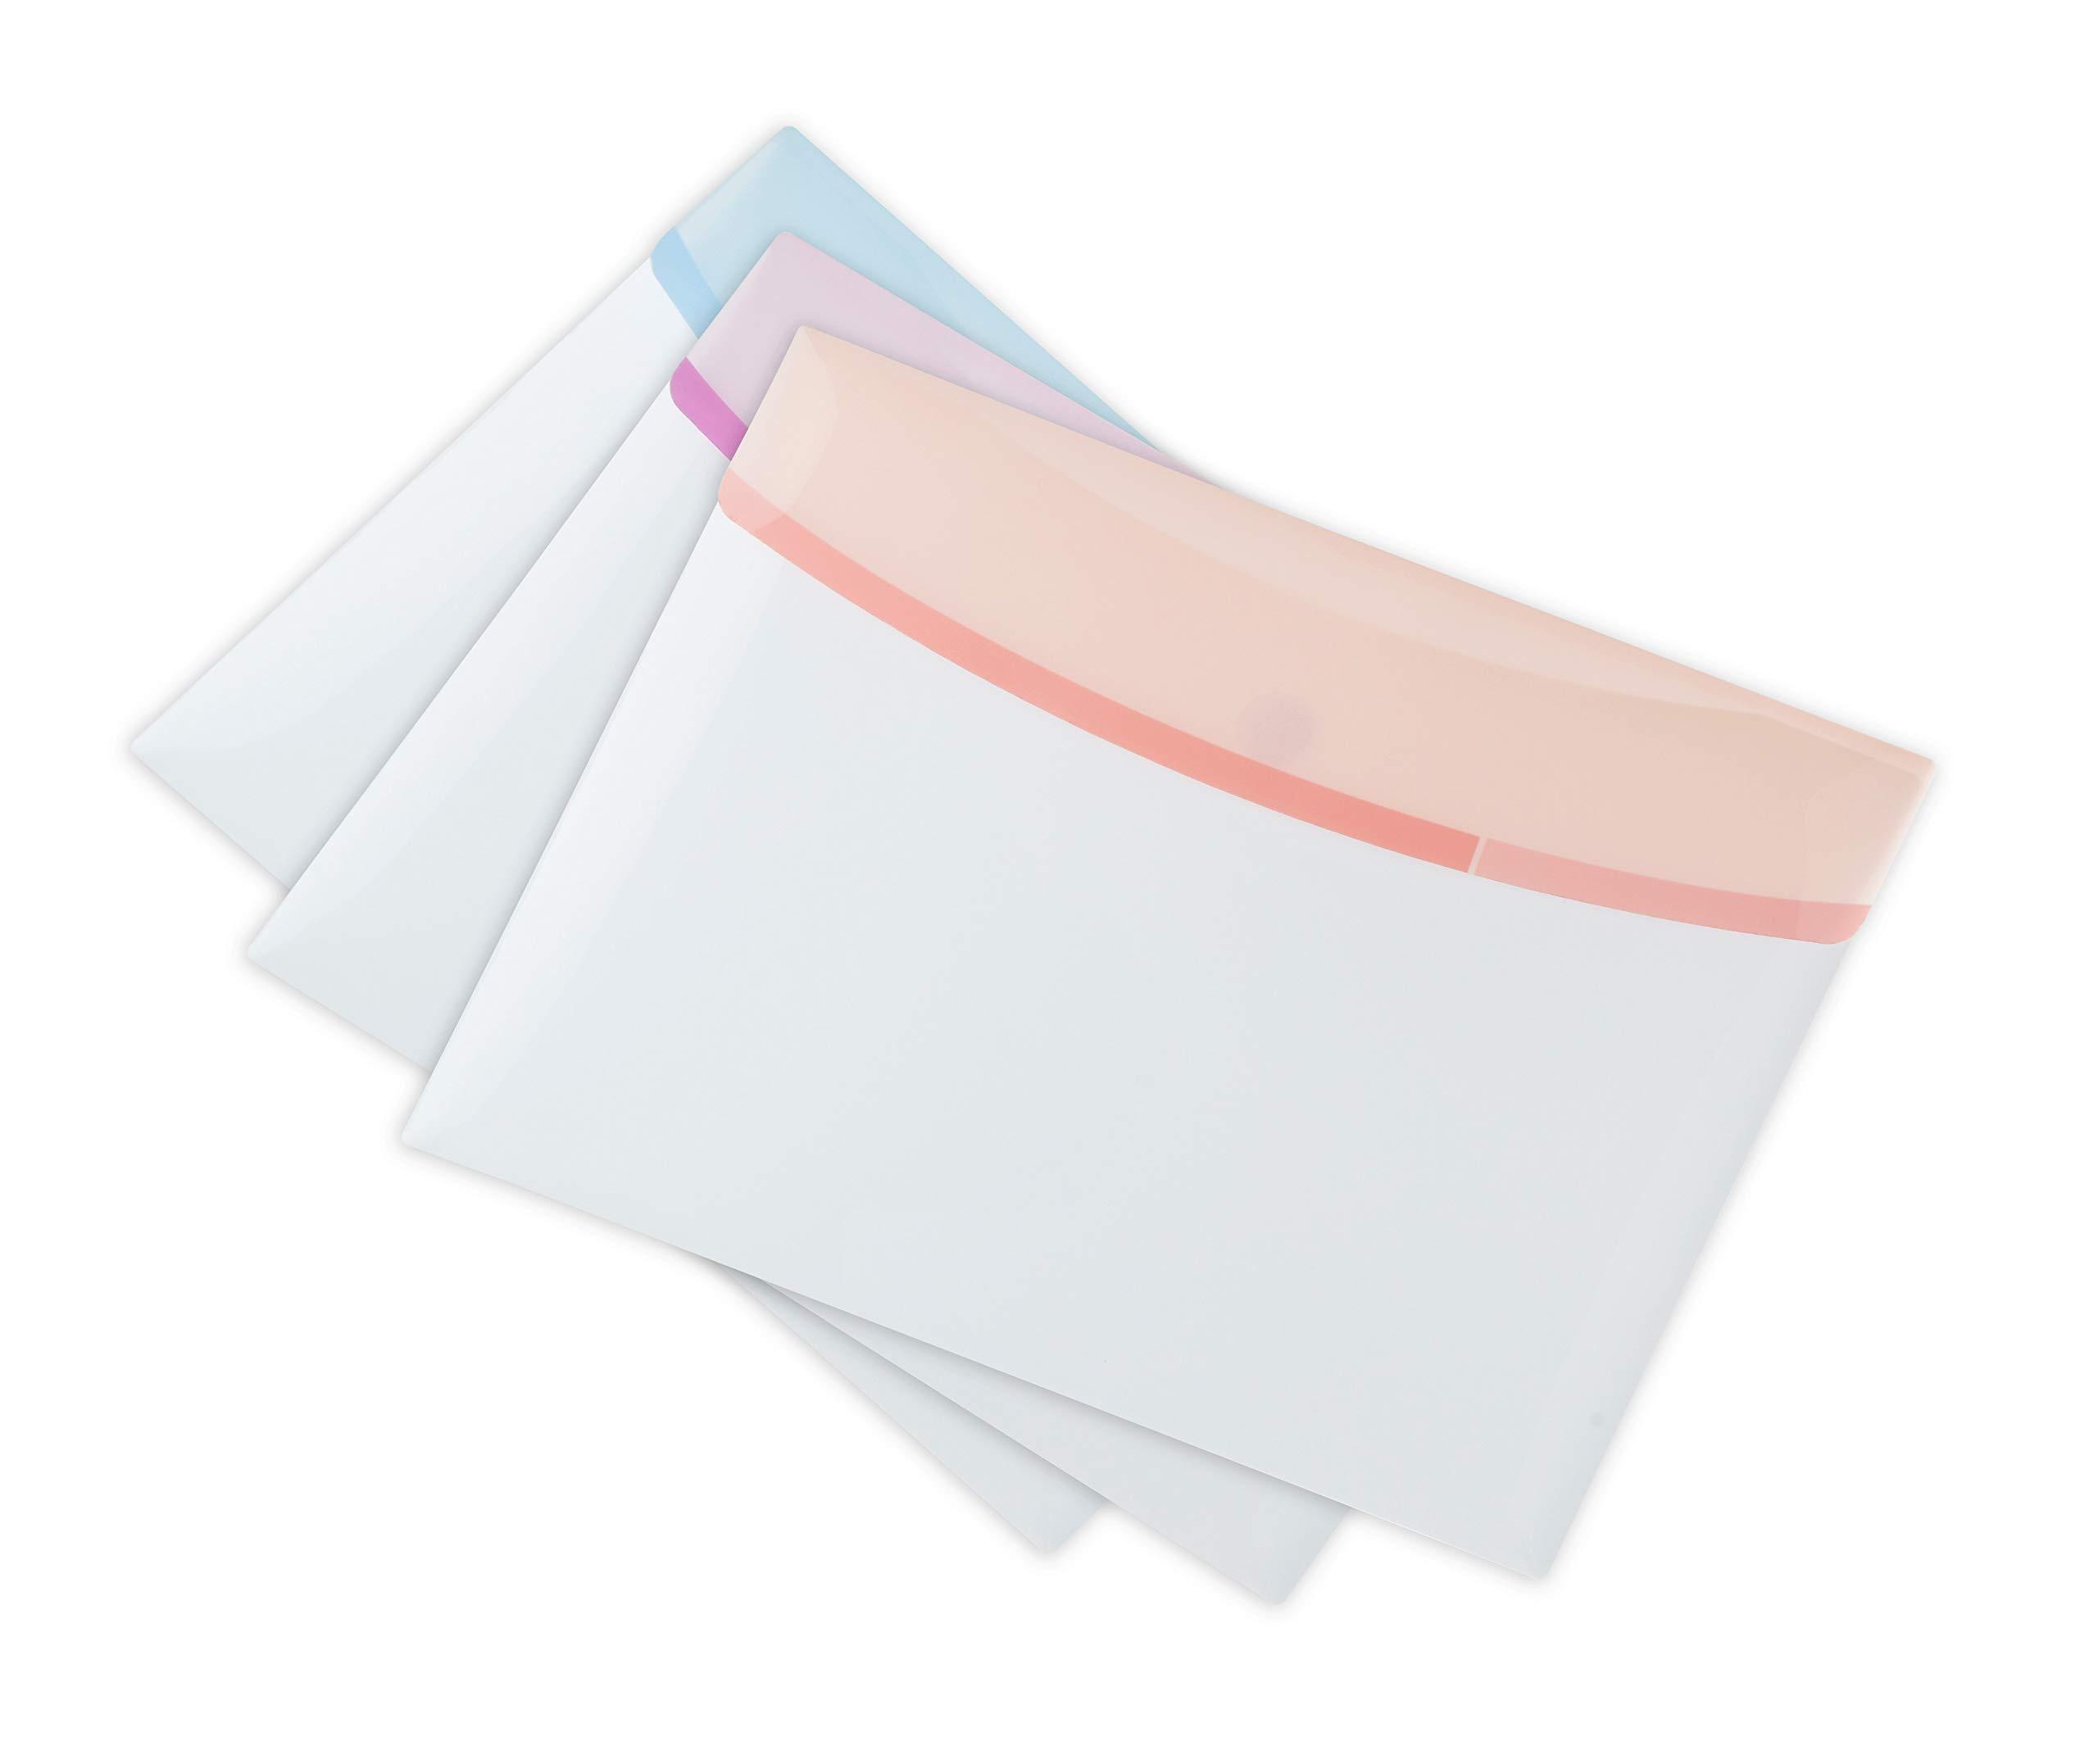 Tarifold Color Dream, Carpeta Sobre A4 Plástico Portafolios, A4, Colores Pasteles: Amazon.es: Oficina y papelería